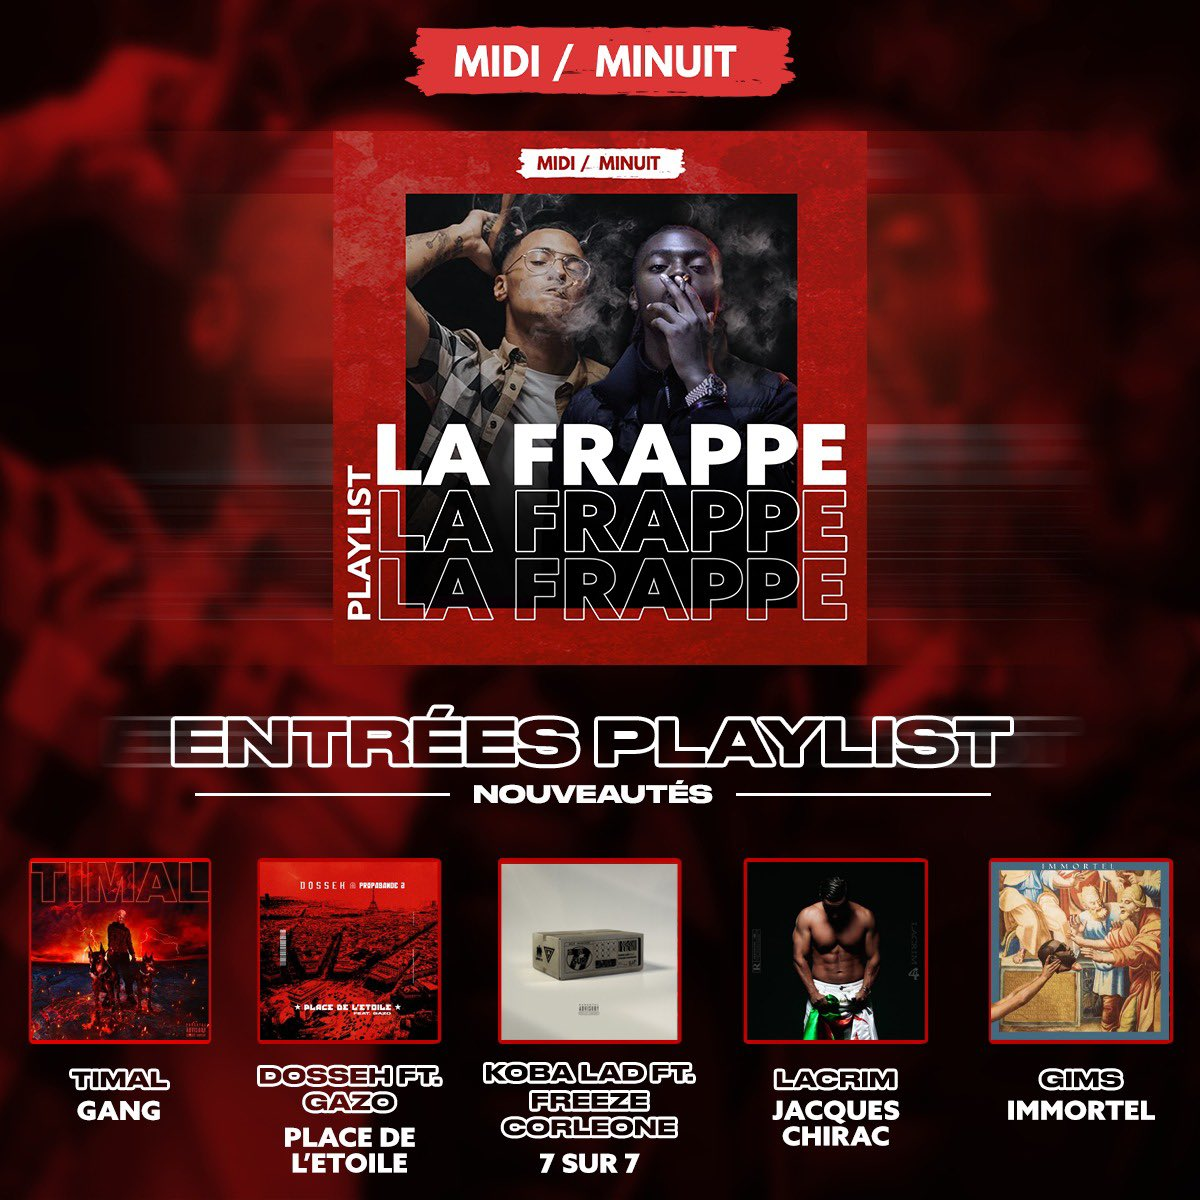 🆕 Entrées en playlist « La frappe» :   🔺 Koba LaD - 7 Sur 7 (Feat. Freeze Corleone) 🔺 Lacrim - Jacques Chirac 🔺 Timal - Gang 🔺 Gims - Immortel 🔺 Dosseh - Place de l'étoile (Feat. Gazo)  👉 Abonne-toi : https://t.co/1NEVA212Wq https://t.co/s2Ub0UoPTD